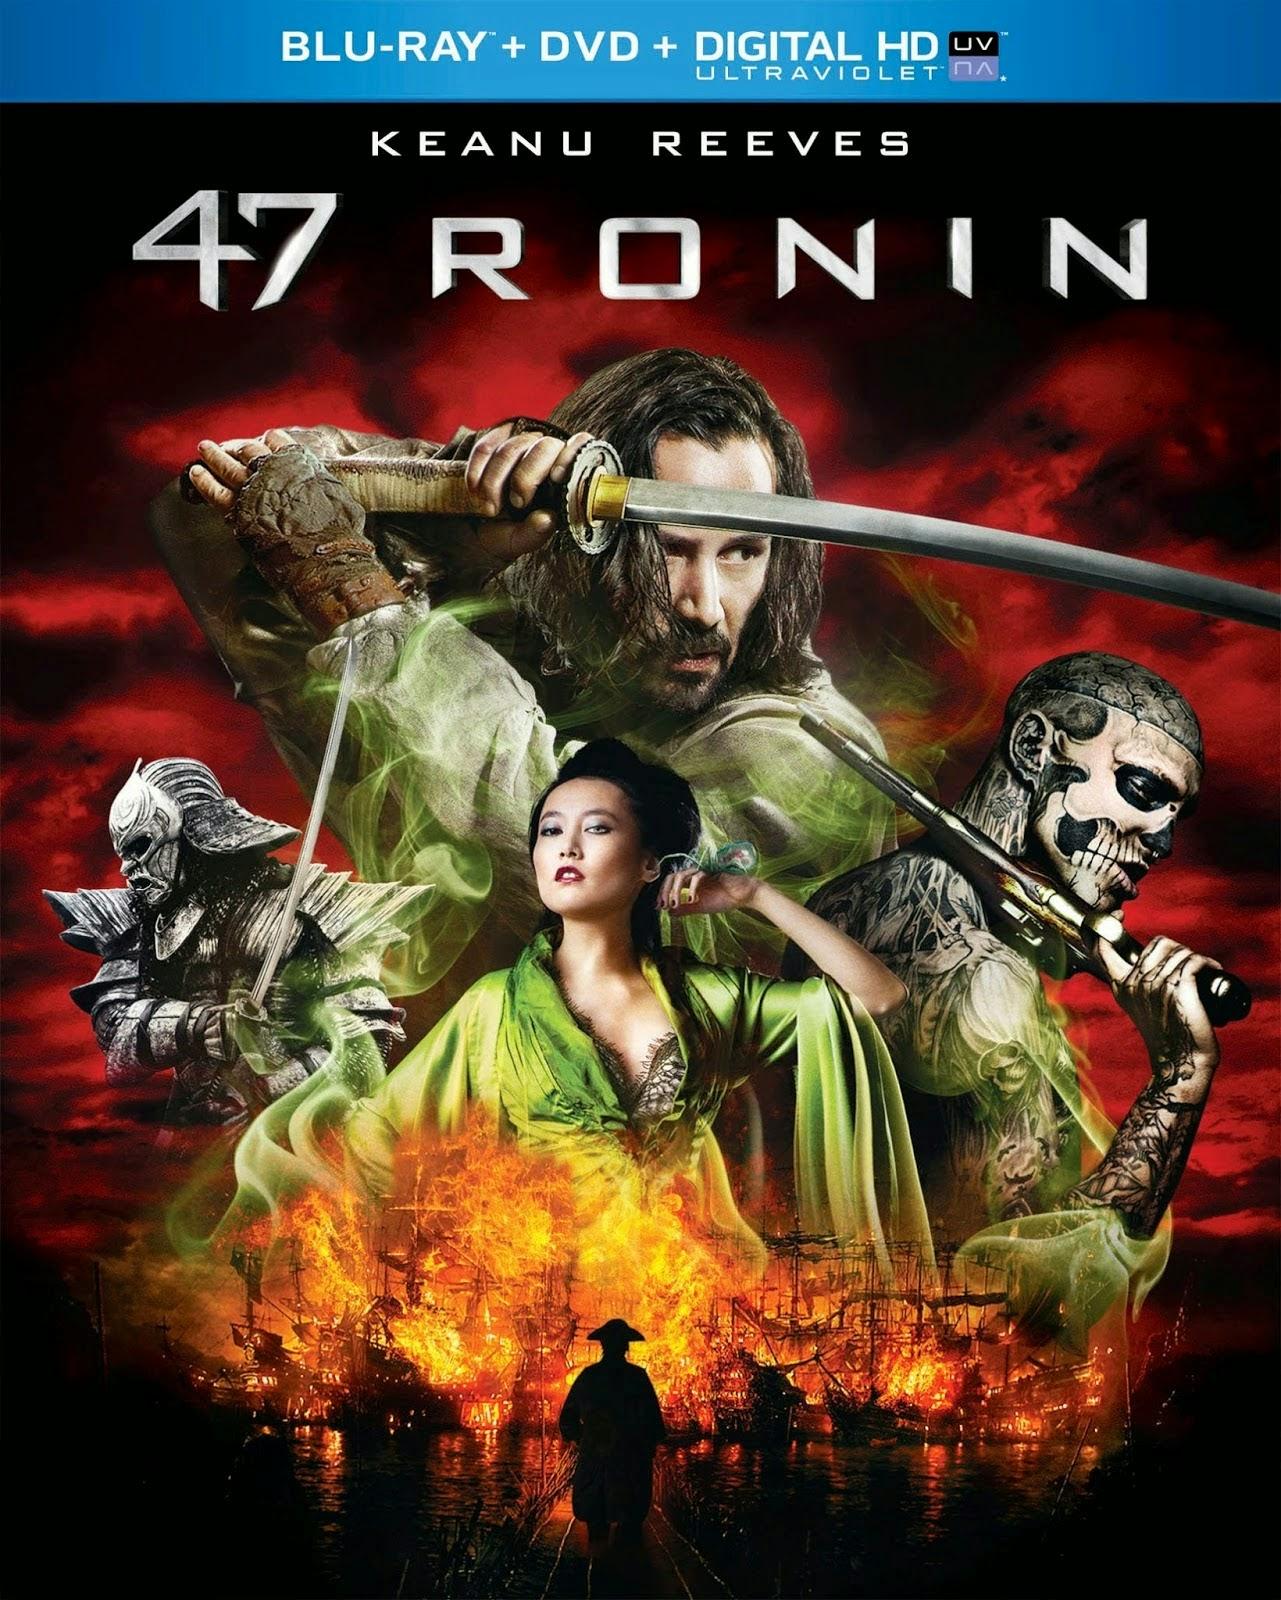 47 Ronin 2013 47 โรนิน มหาศึกซามูไร